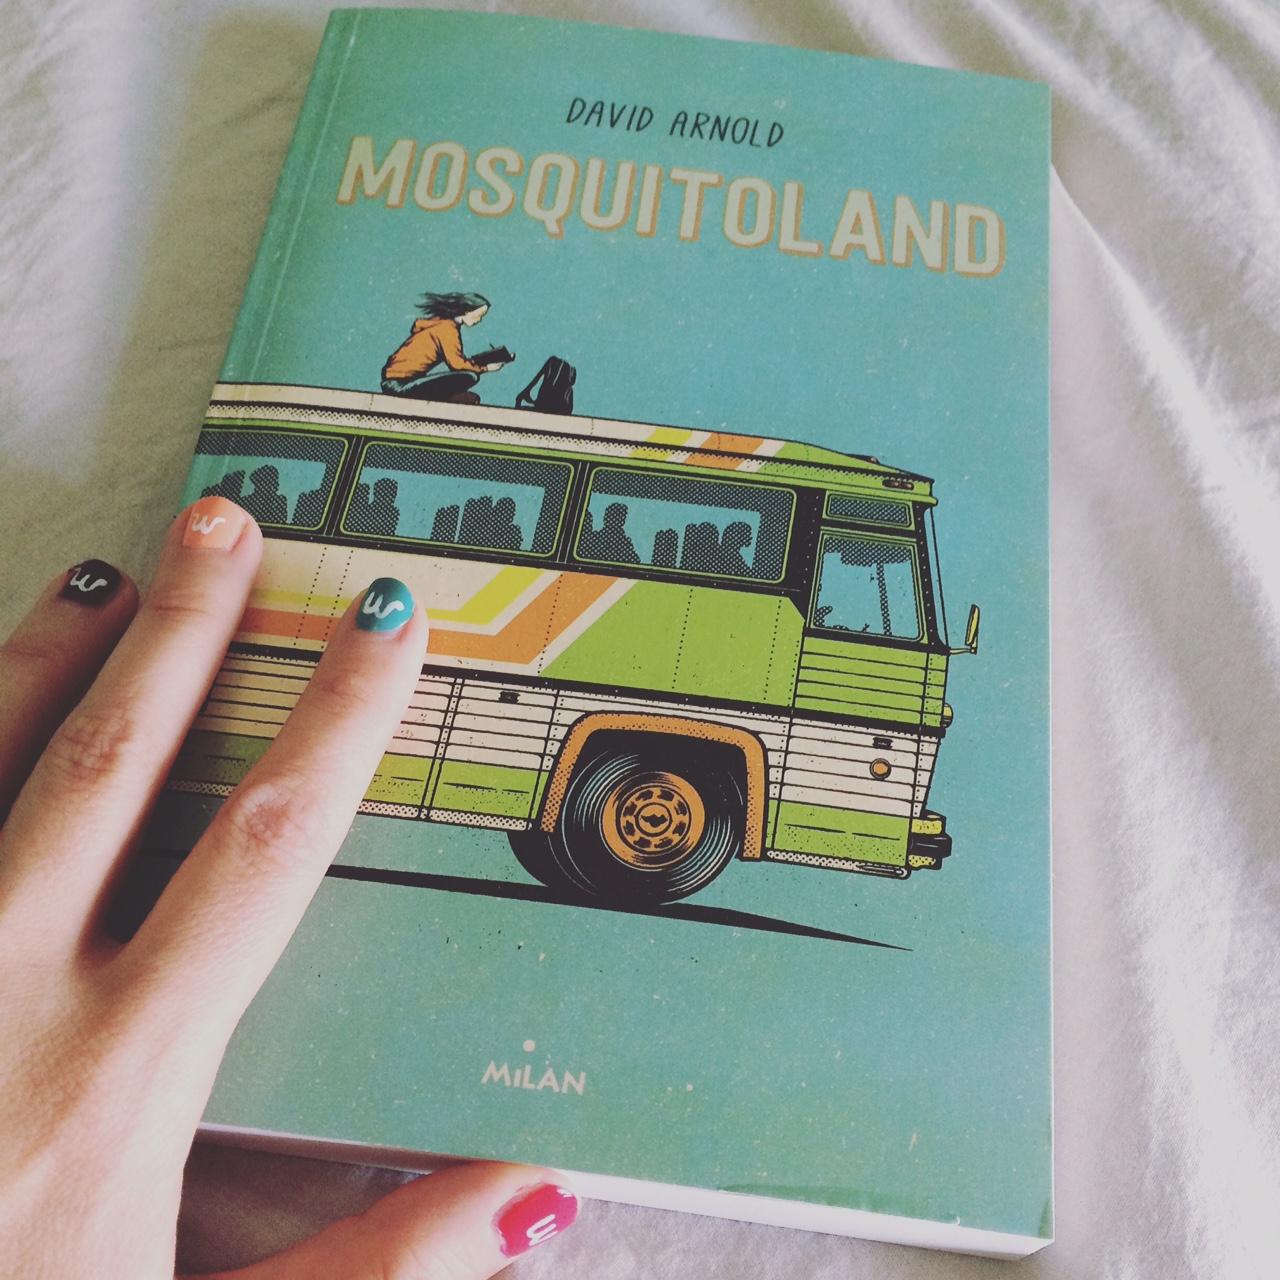 Image de l'article «Mosquitoland, un road trip mouvementé et entrainant»